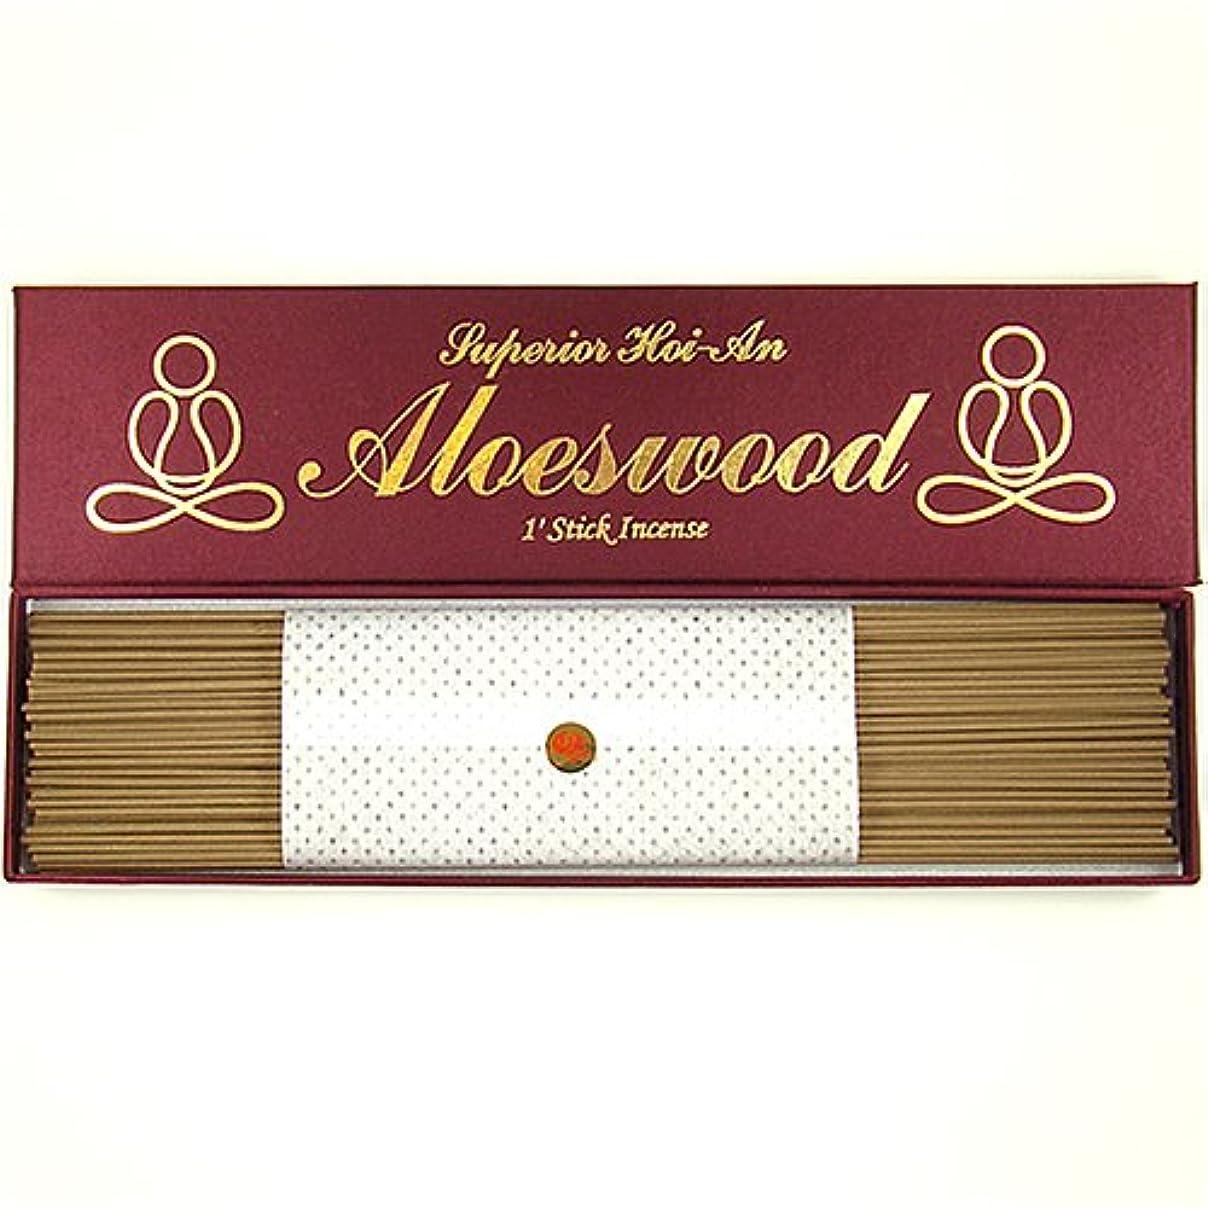 迫害有効平方優れたグレードベトナム語hoi-an (jinko) Aloeswood – 1 ' Stick Incense – 100 % Natural – g105s